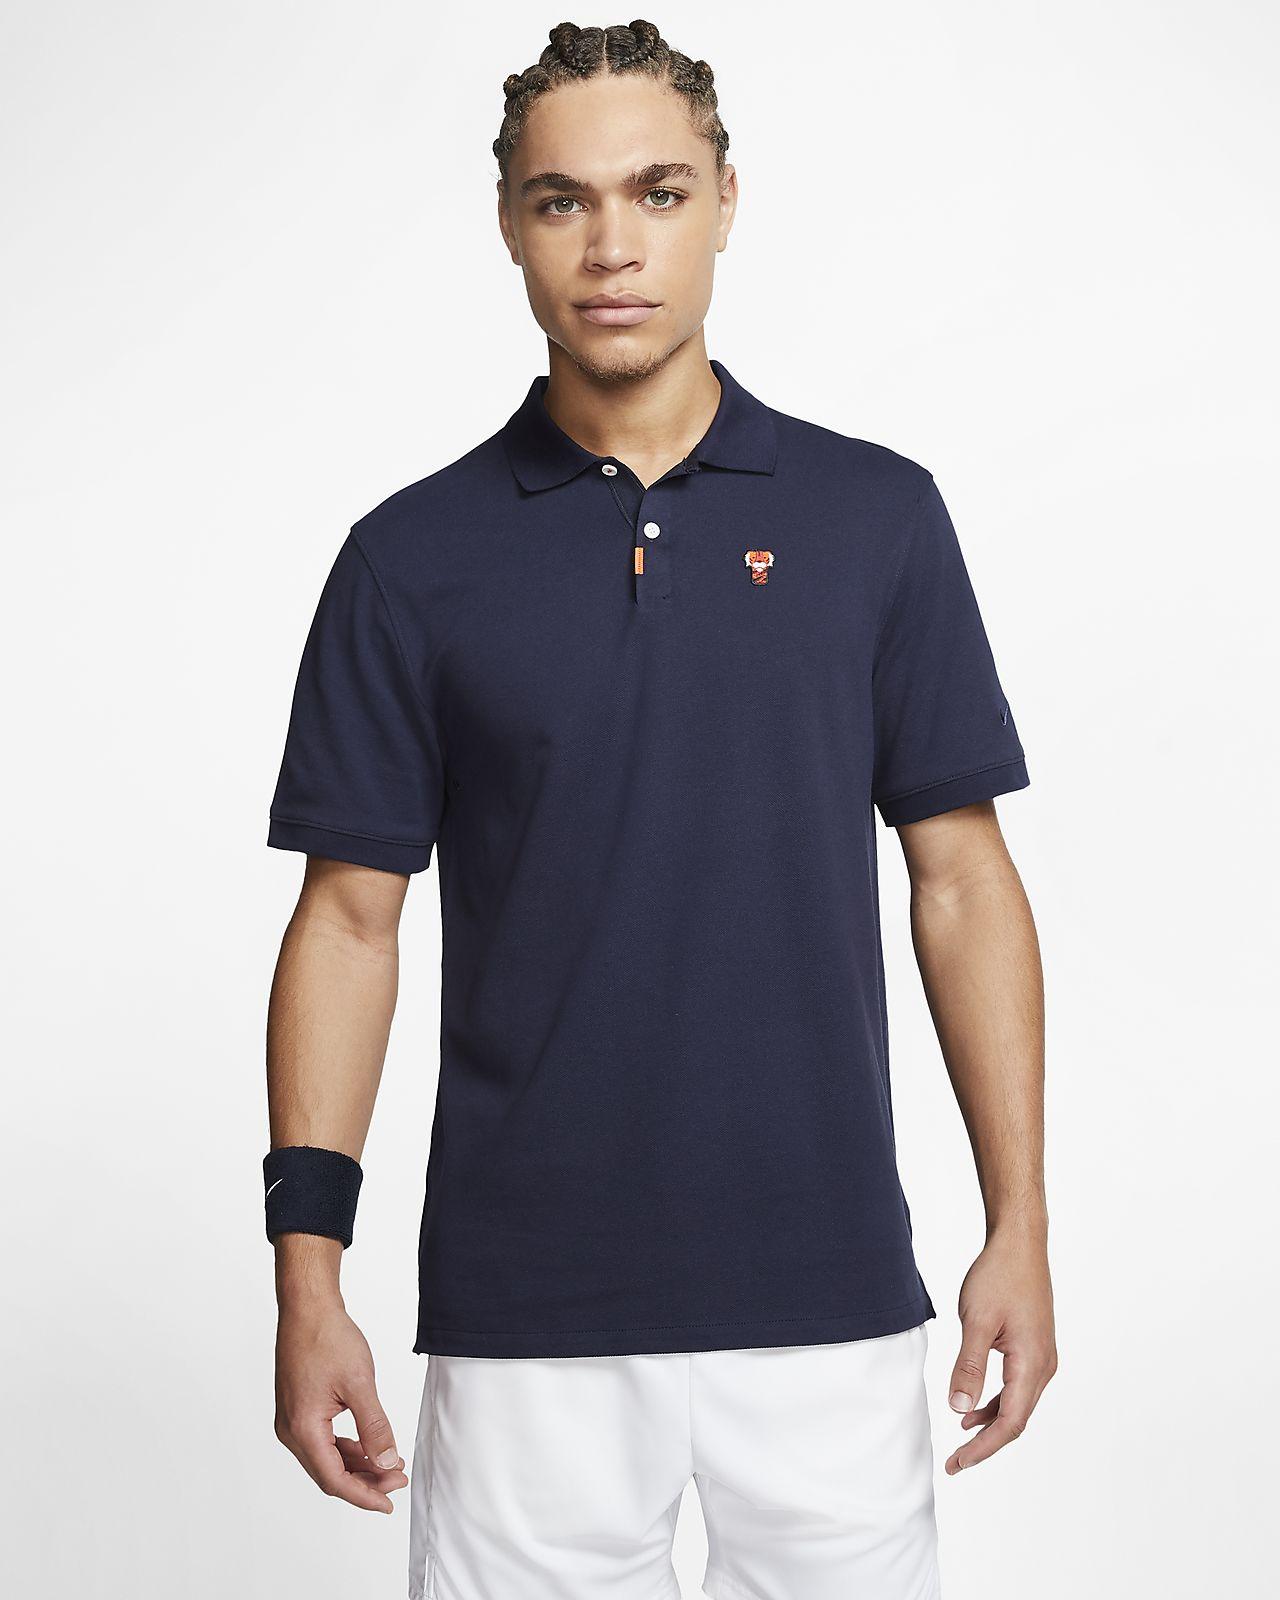 """Polo de ajuste entallado The Nike Polo """"Frank"""""""